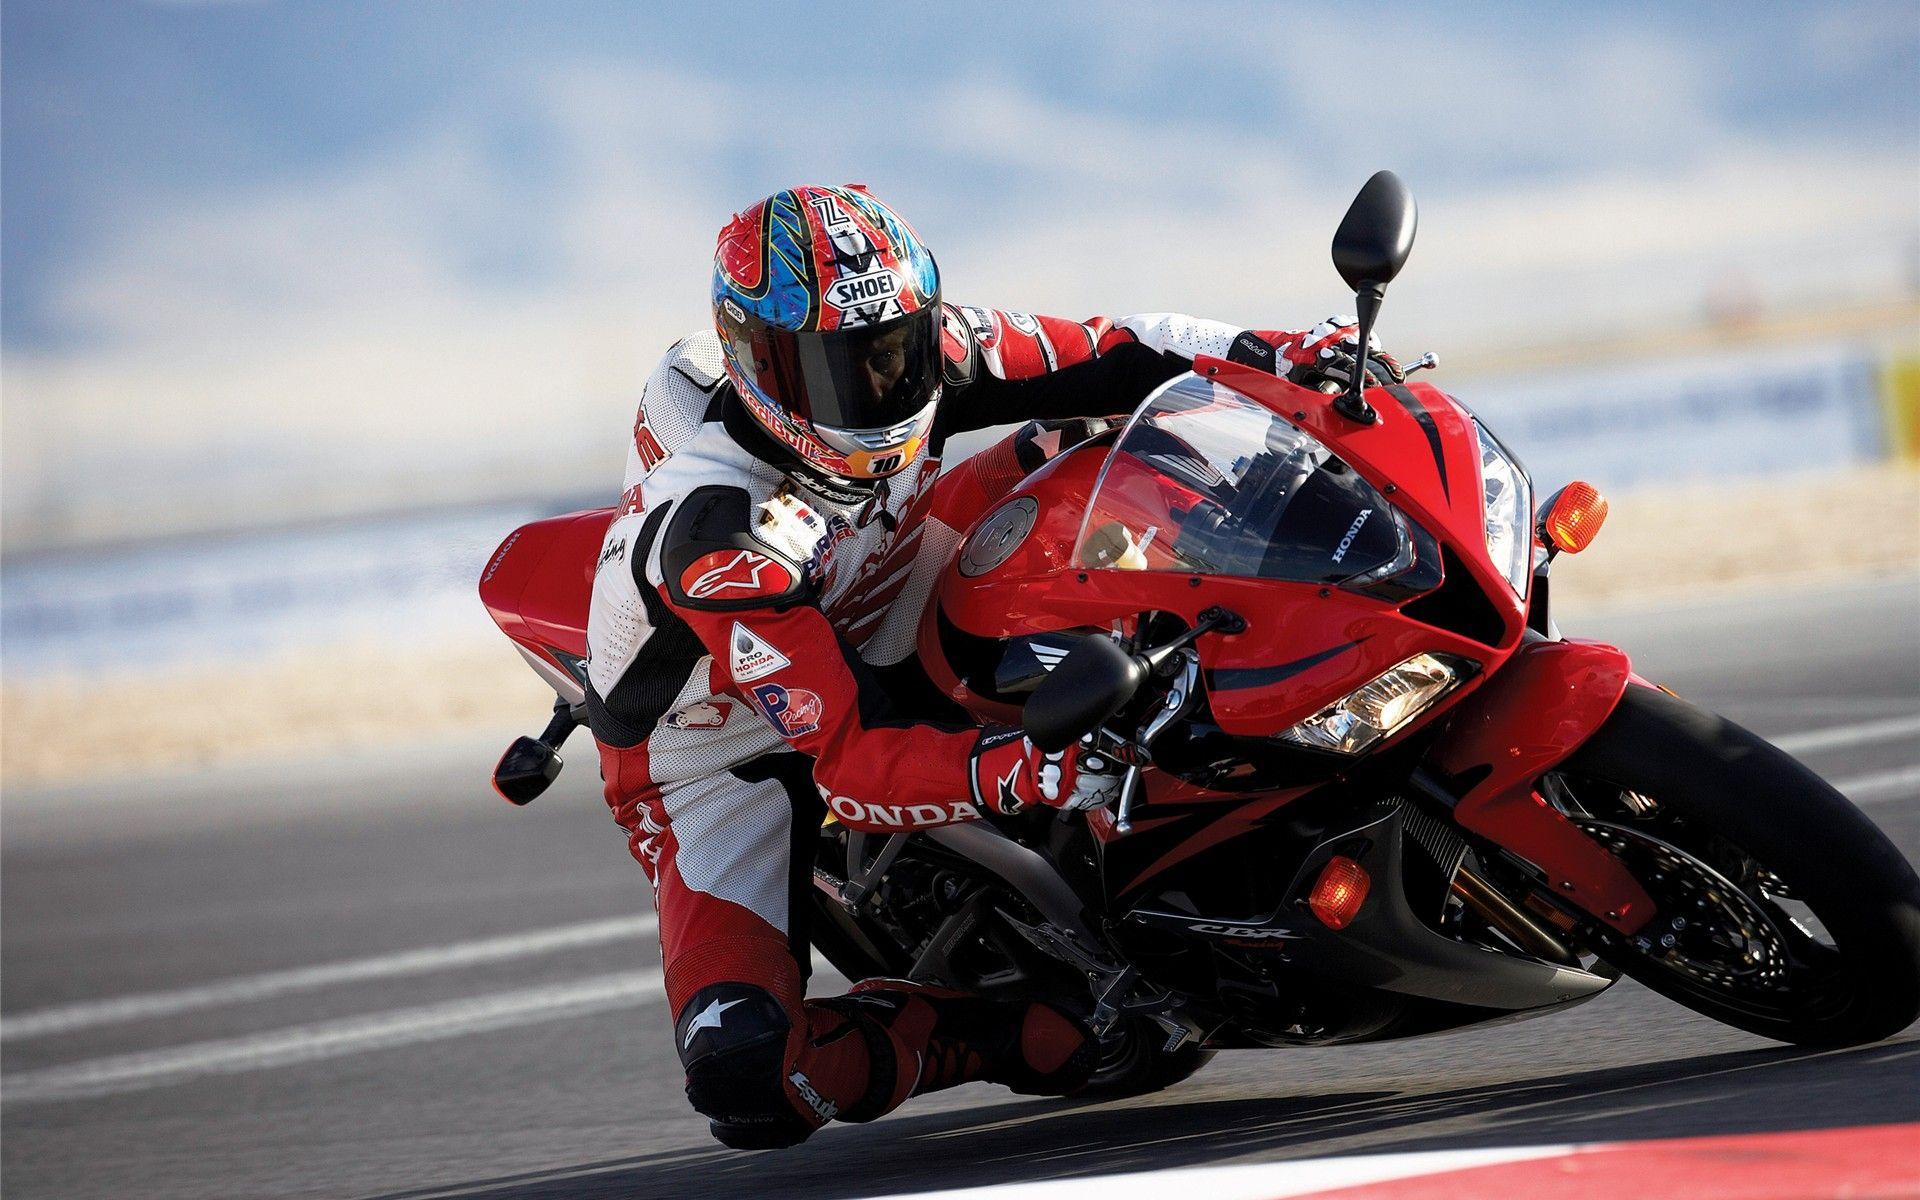 2009 Honda CBR600RR Comparison